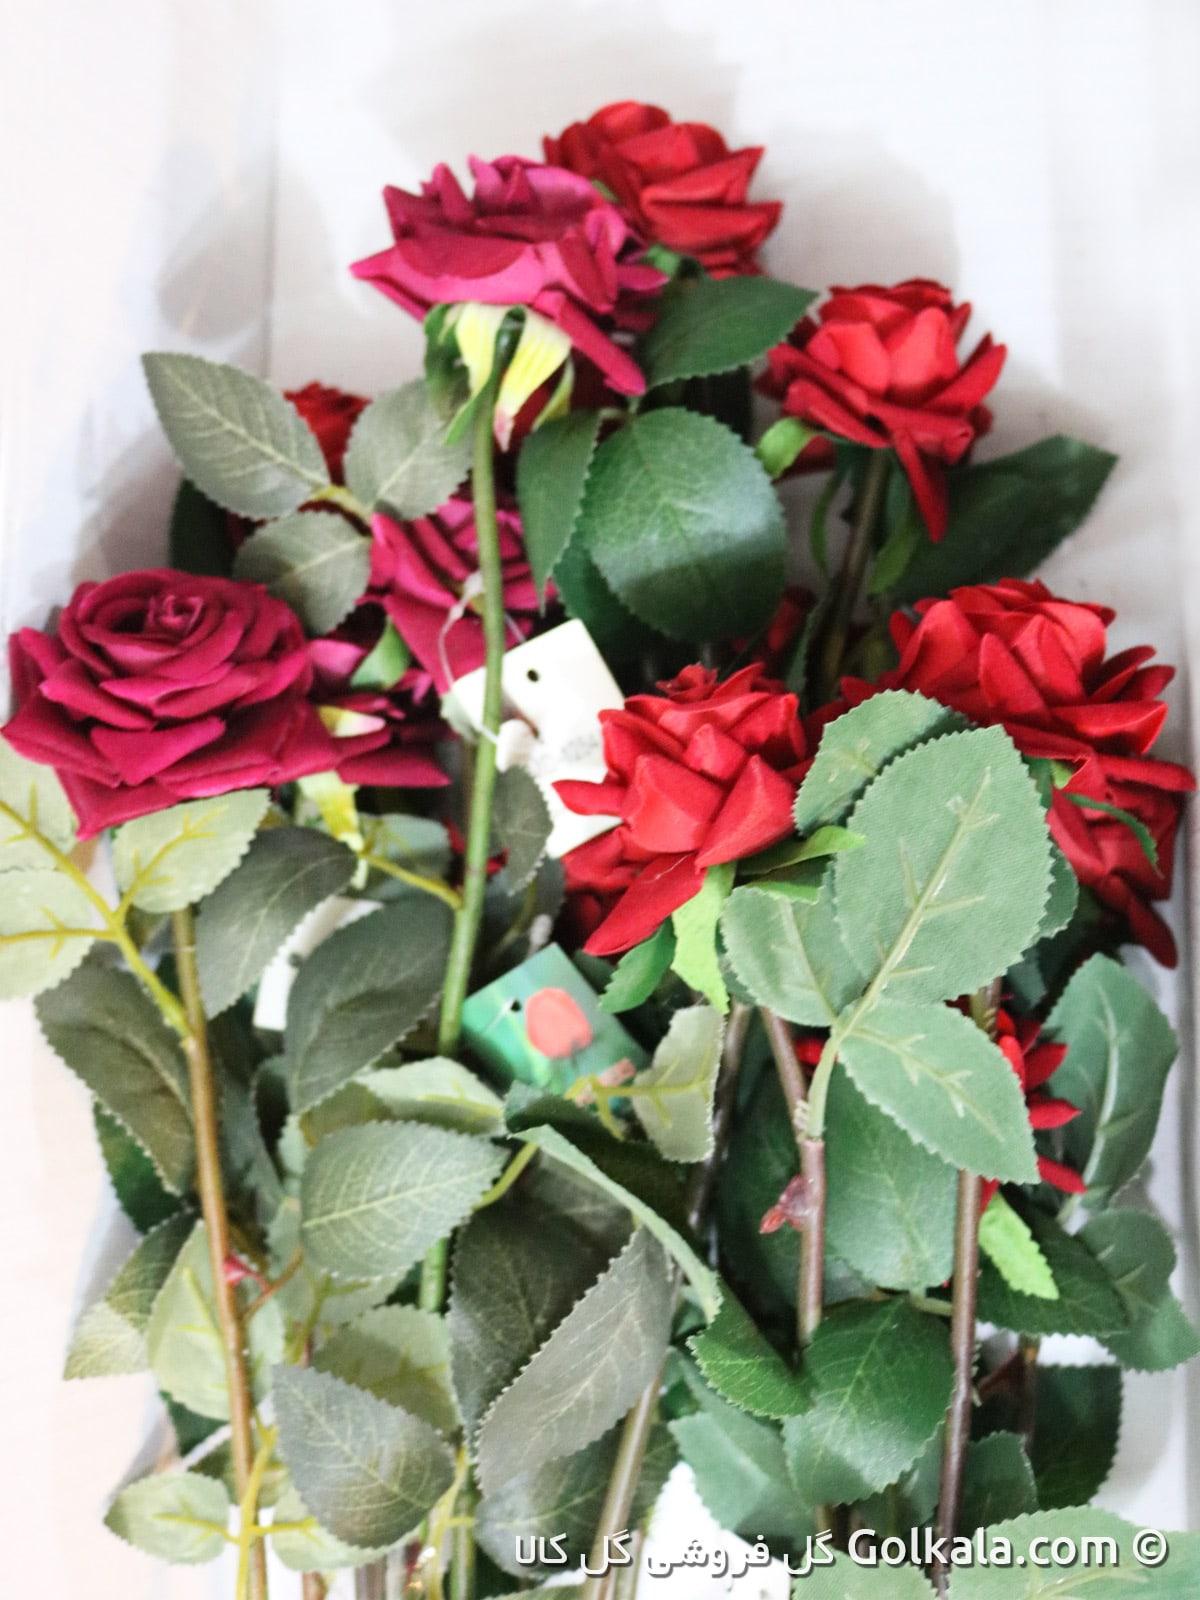 شاخه گل رز صورتی و قرمز